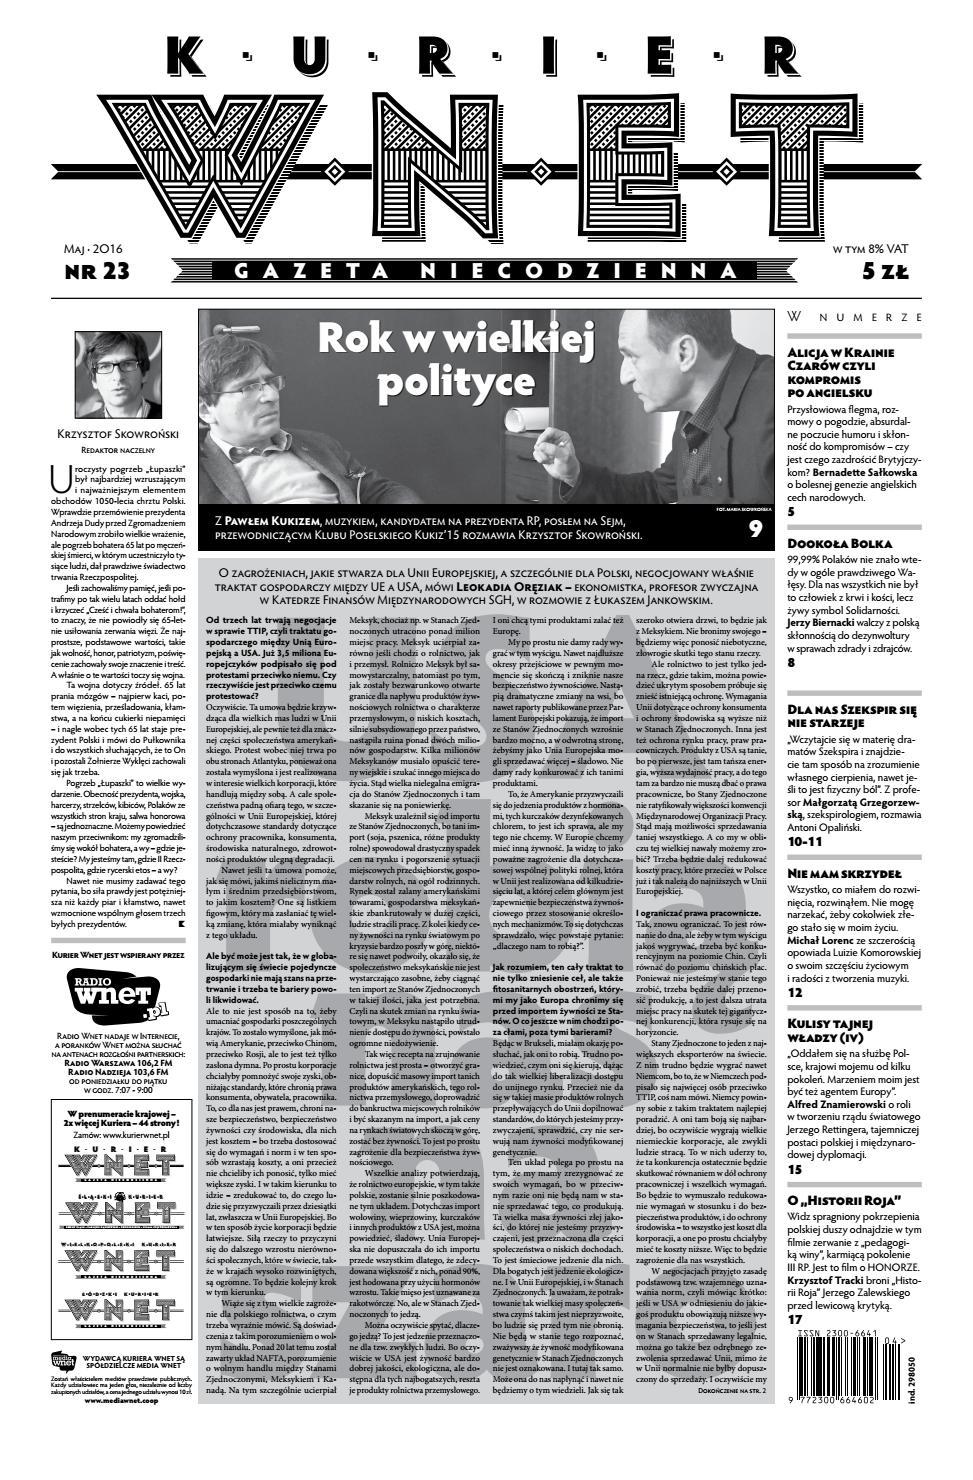 Kurier Wnet Gazeta Niecodzienna Nr 23 Maj 2016 By